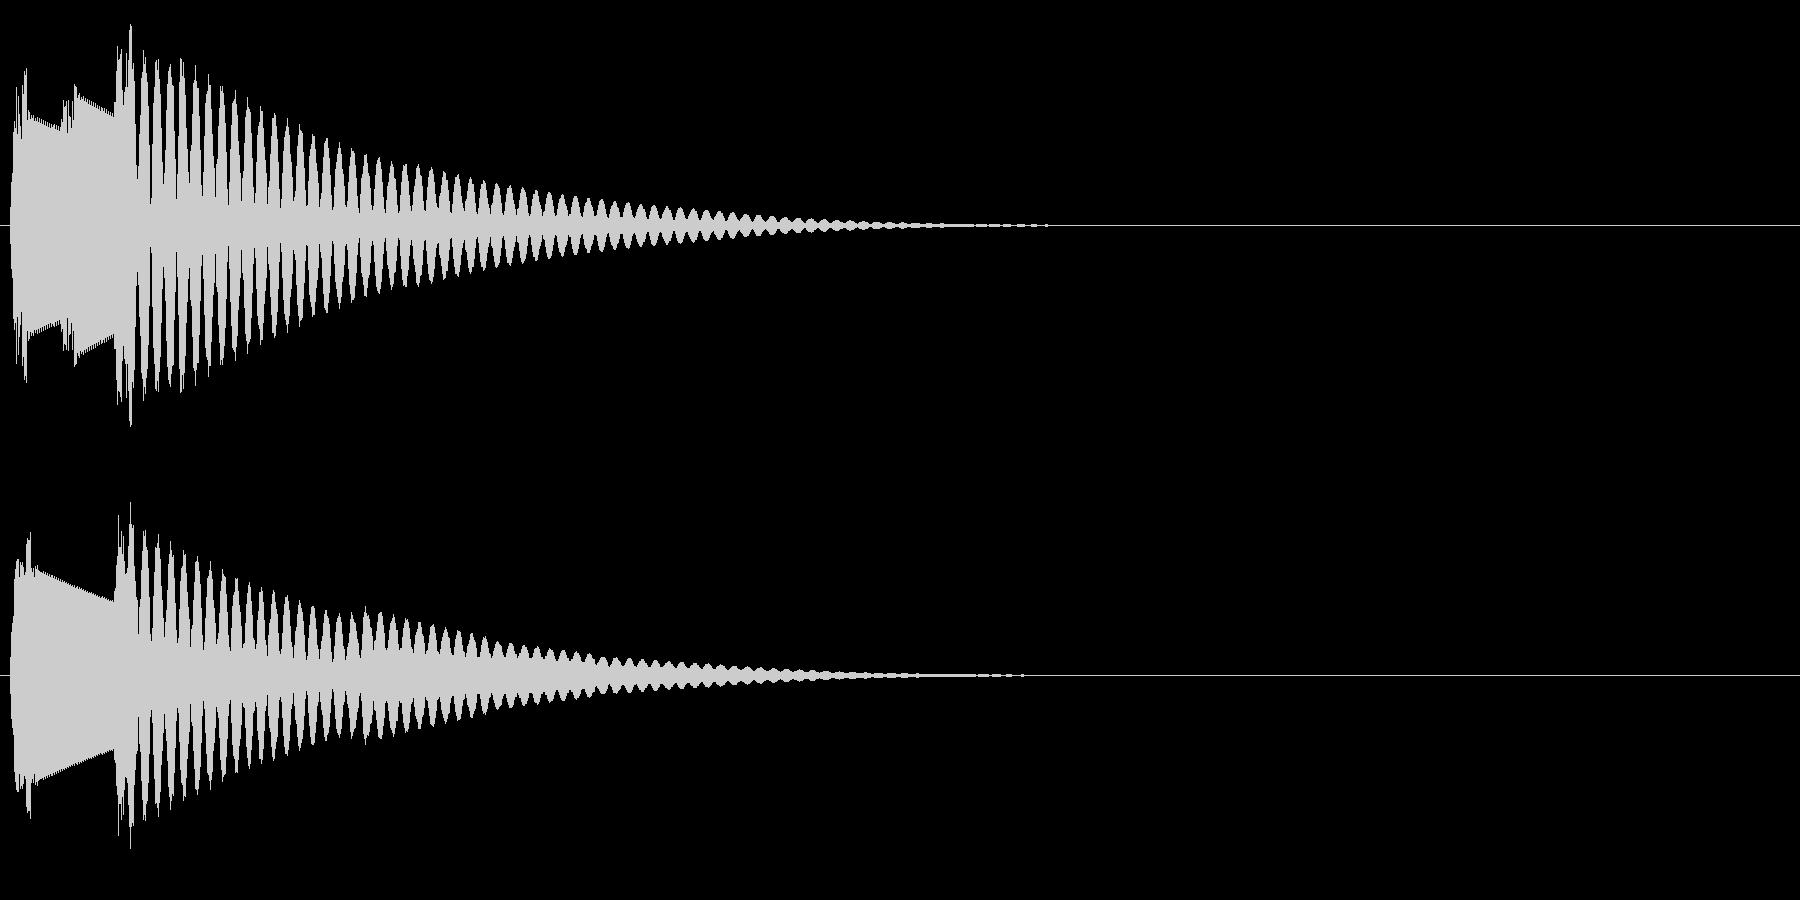 ピンポン(クイズのボタン音)の未再生の波形